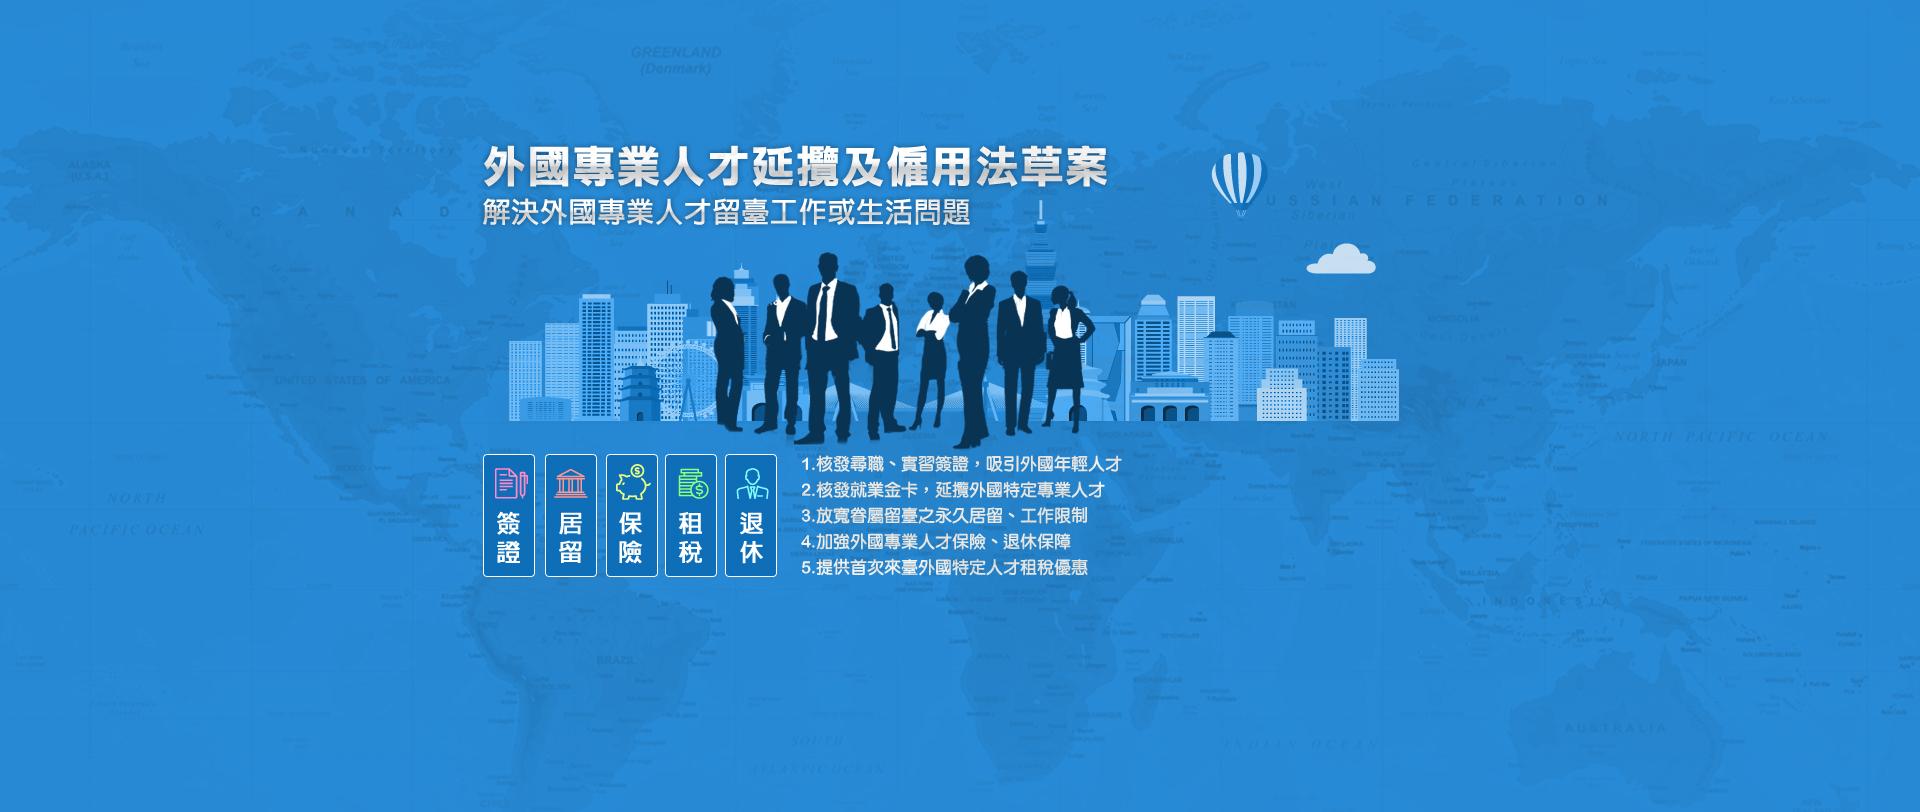 解決外國專業人才留臺工作或生活問題。